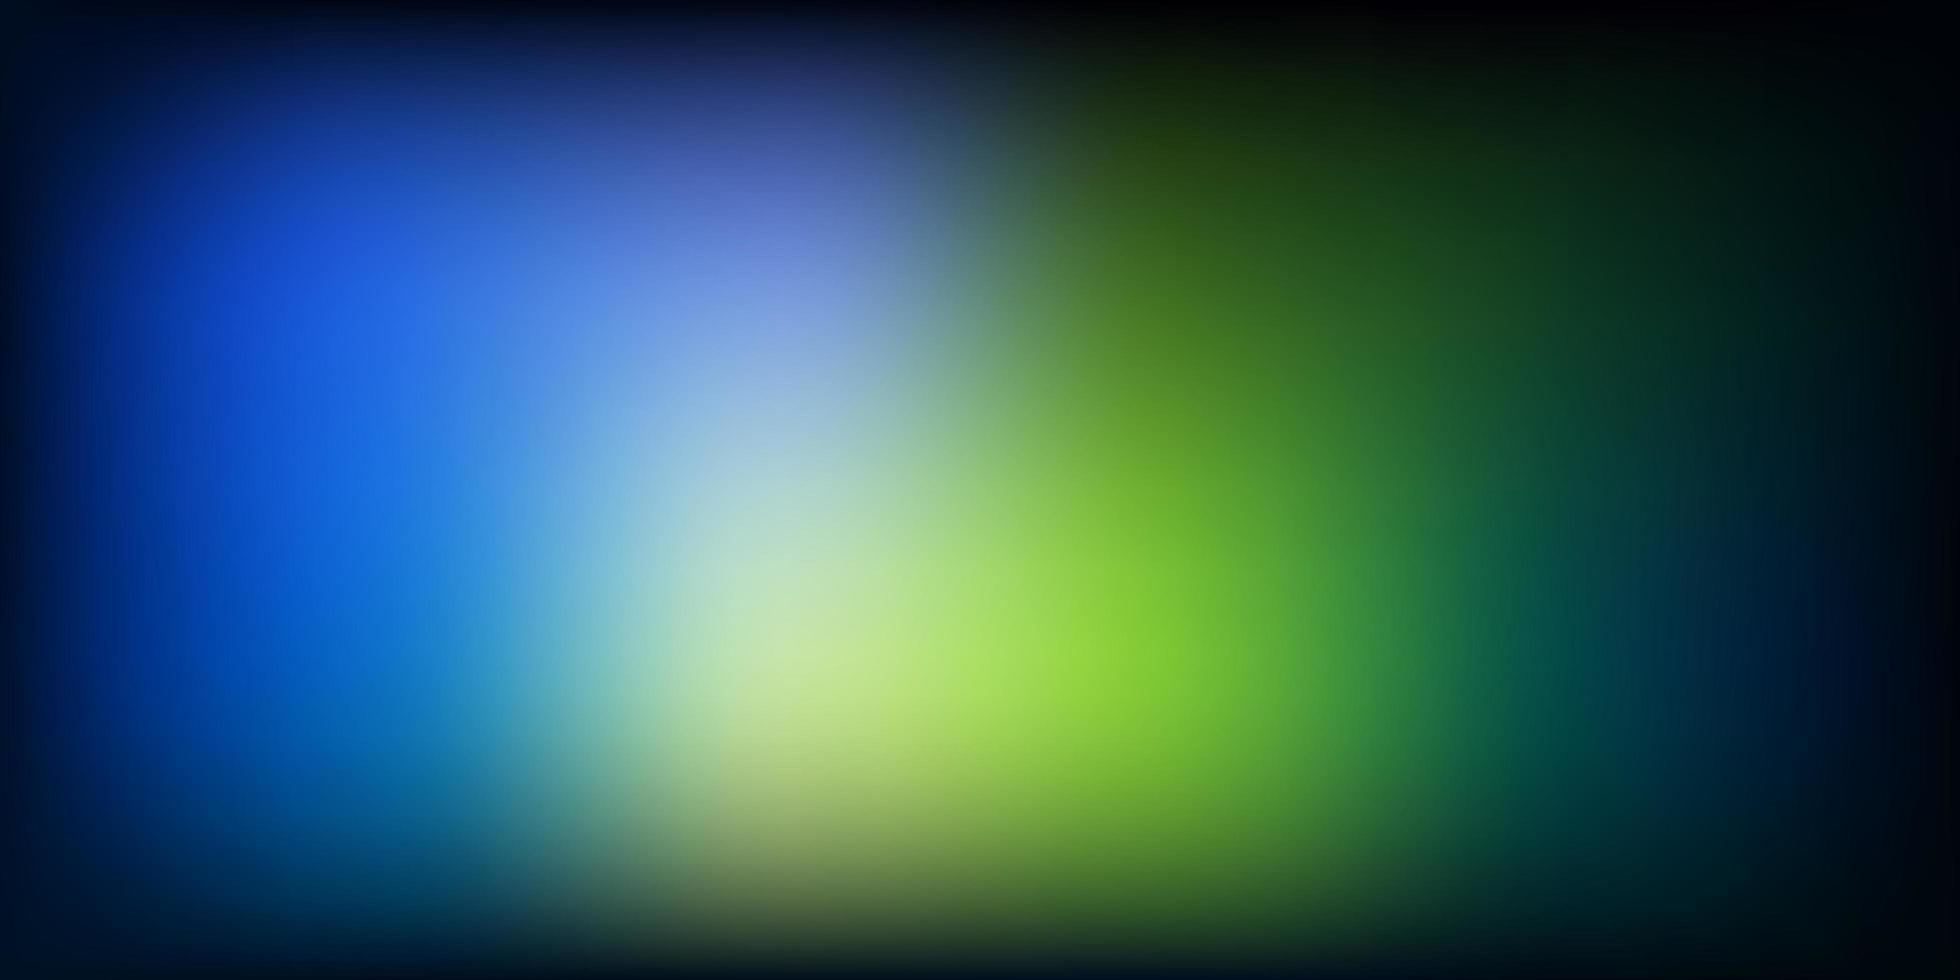 padrão de desfoque de vetor azul e amarelo claro.